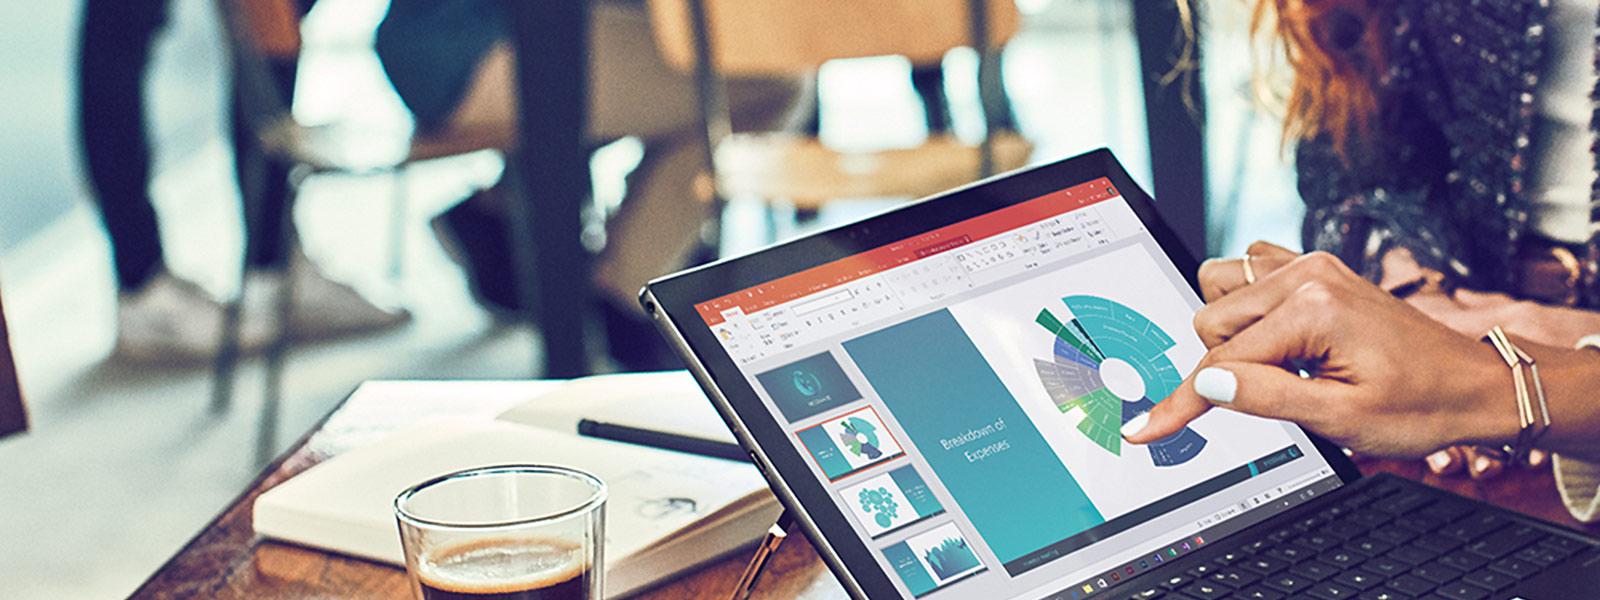 Женщина работает с Microsoft 365 на ноутбуке